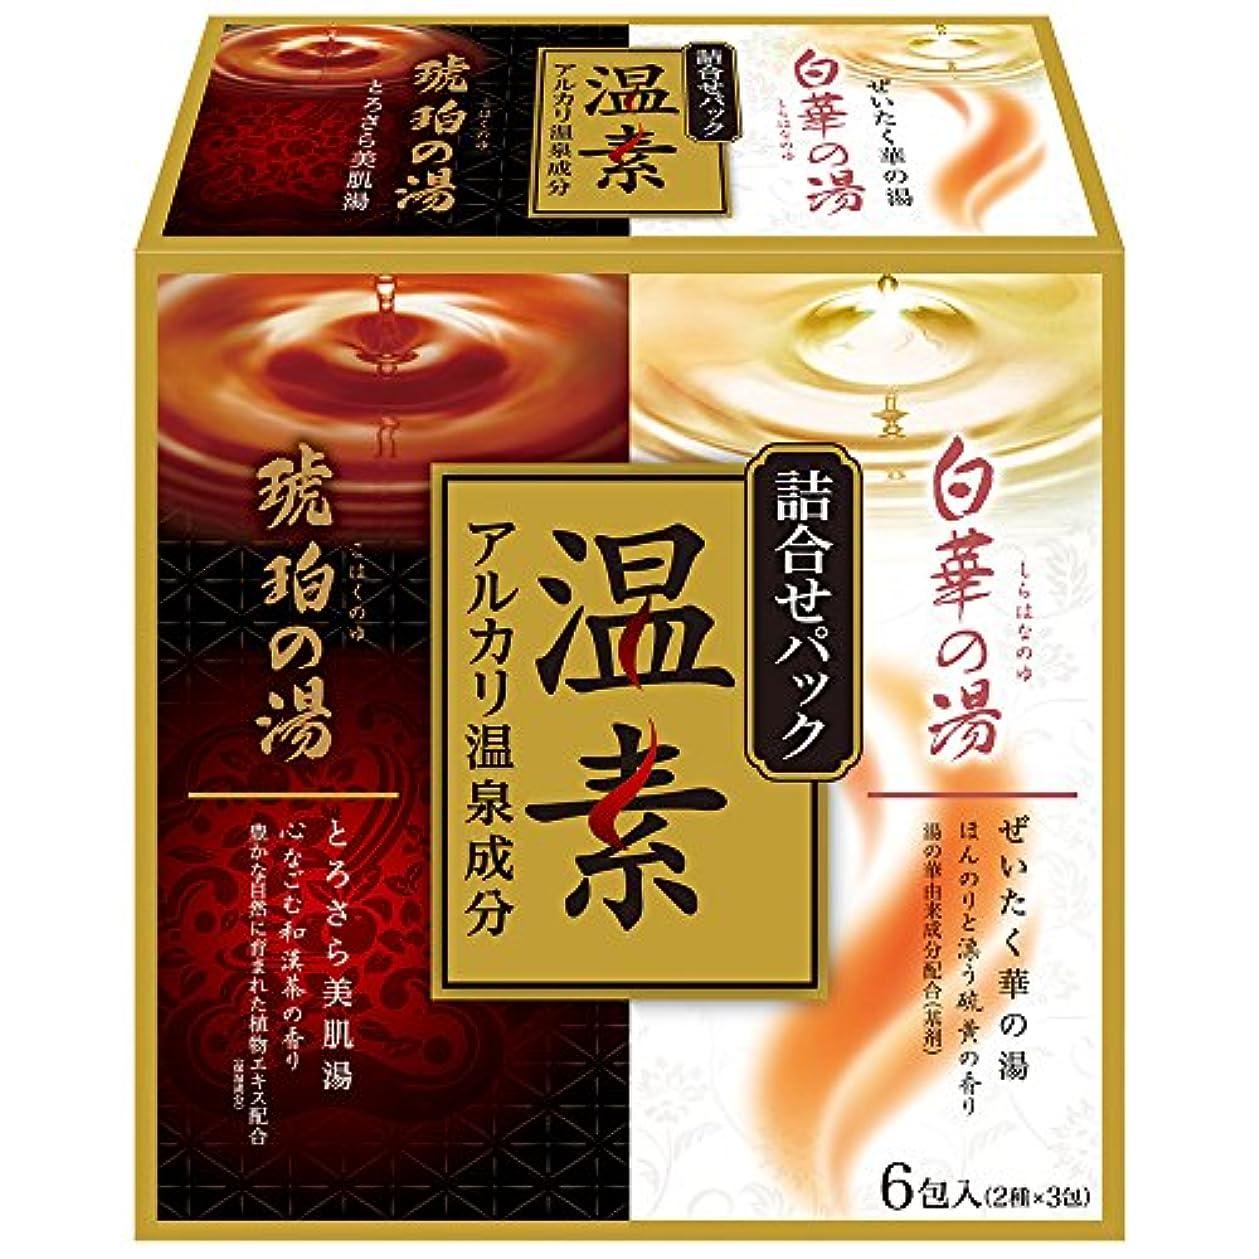 プログラム詩人アンタゴニスト【医薬部外品】温素 入浴剤 琥珀の湯&白華の湯 詰合せパック 6包入 [各3包]